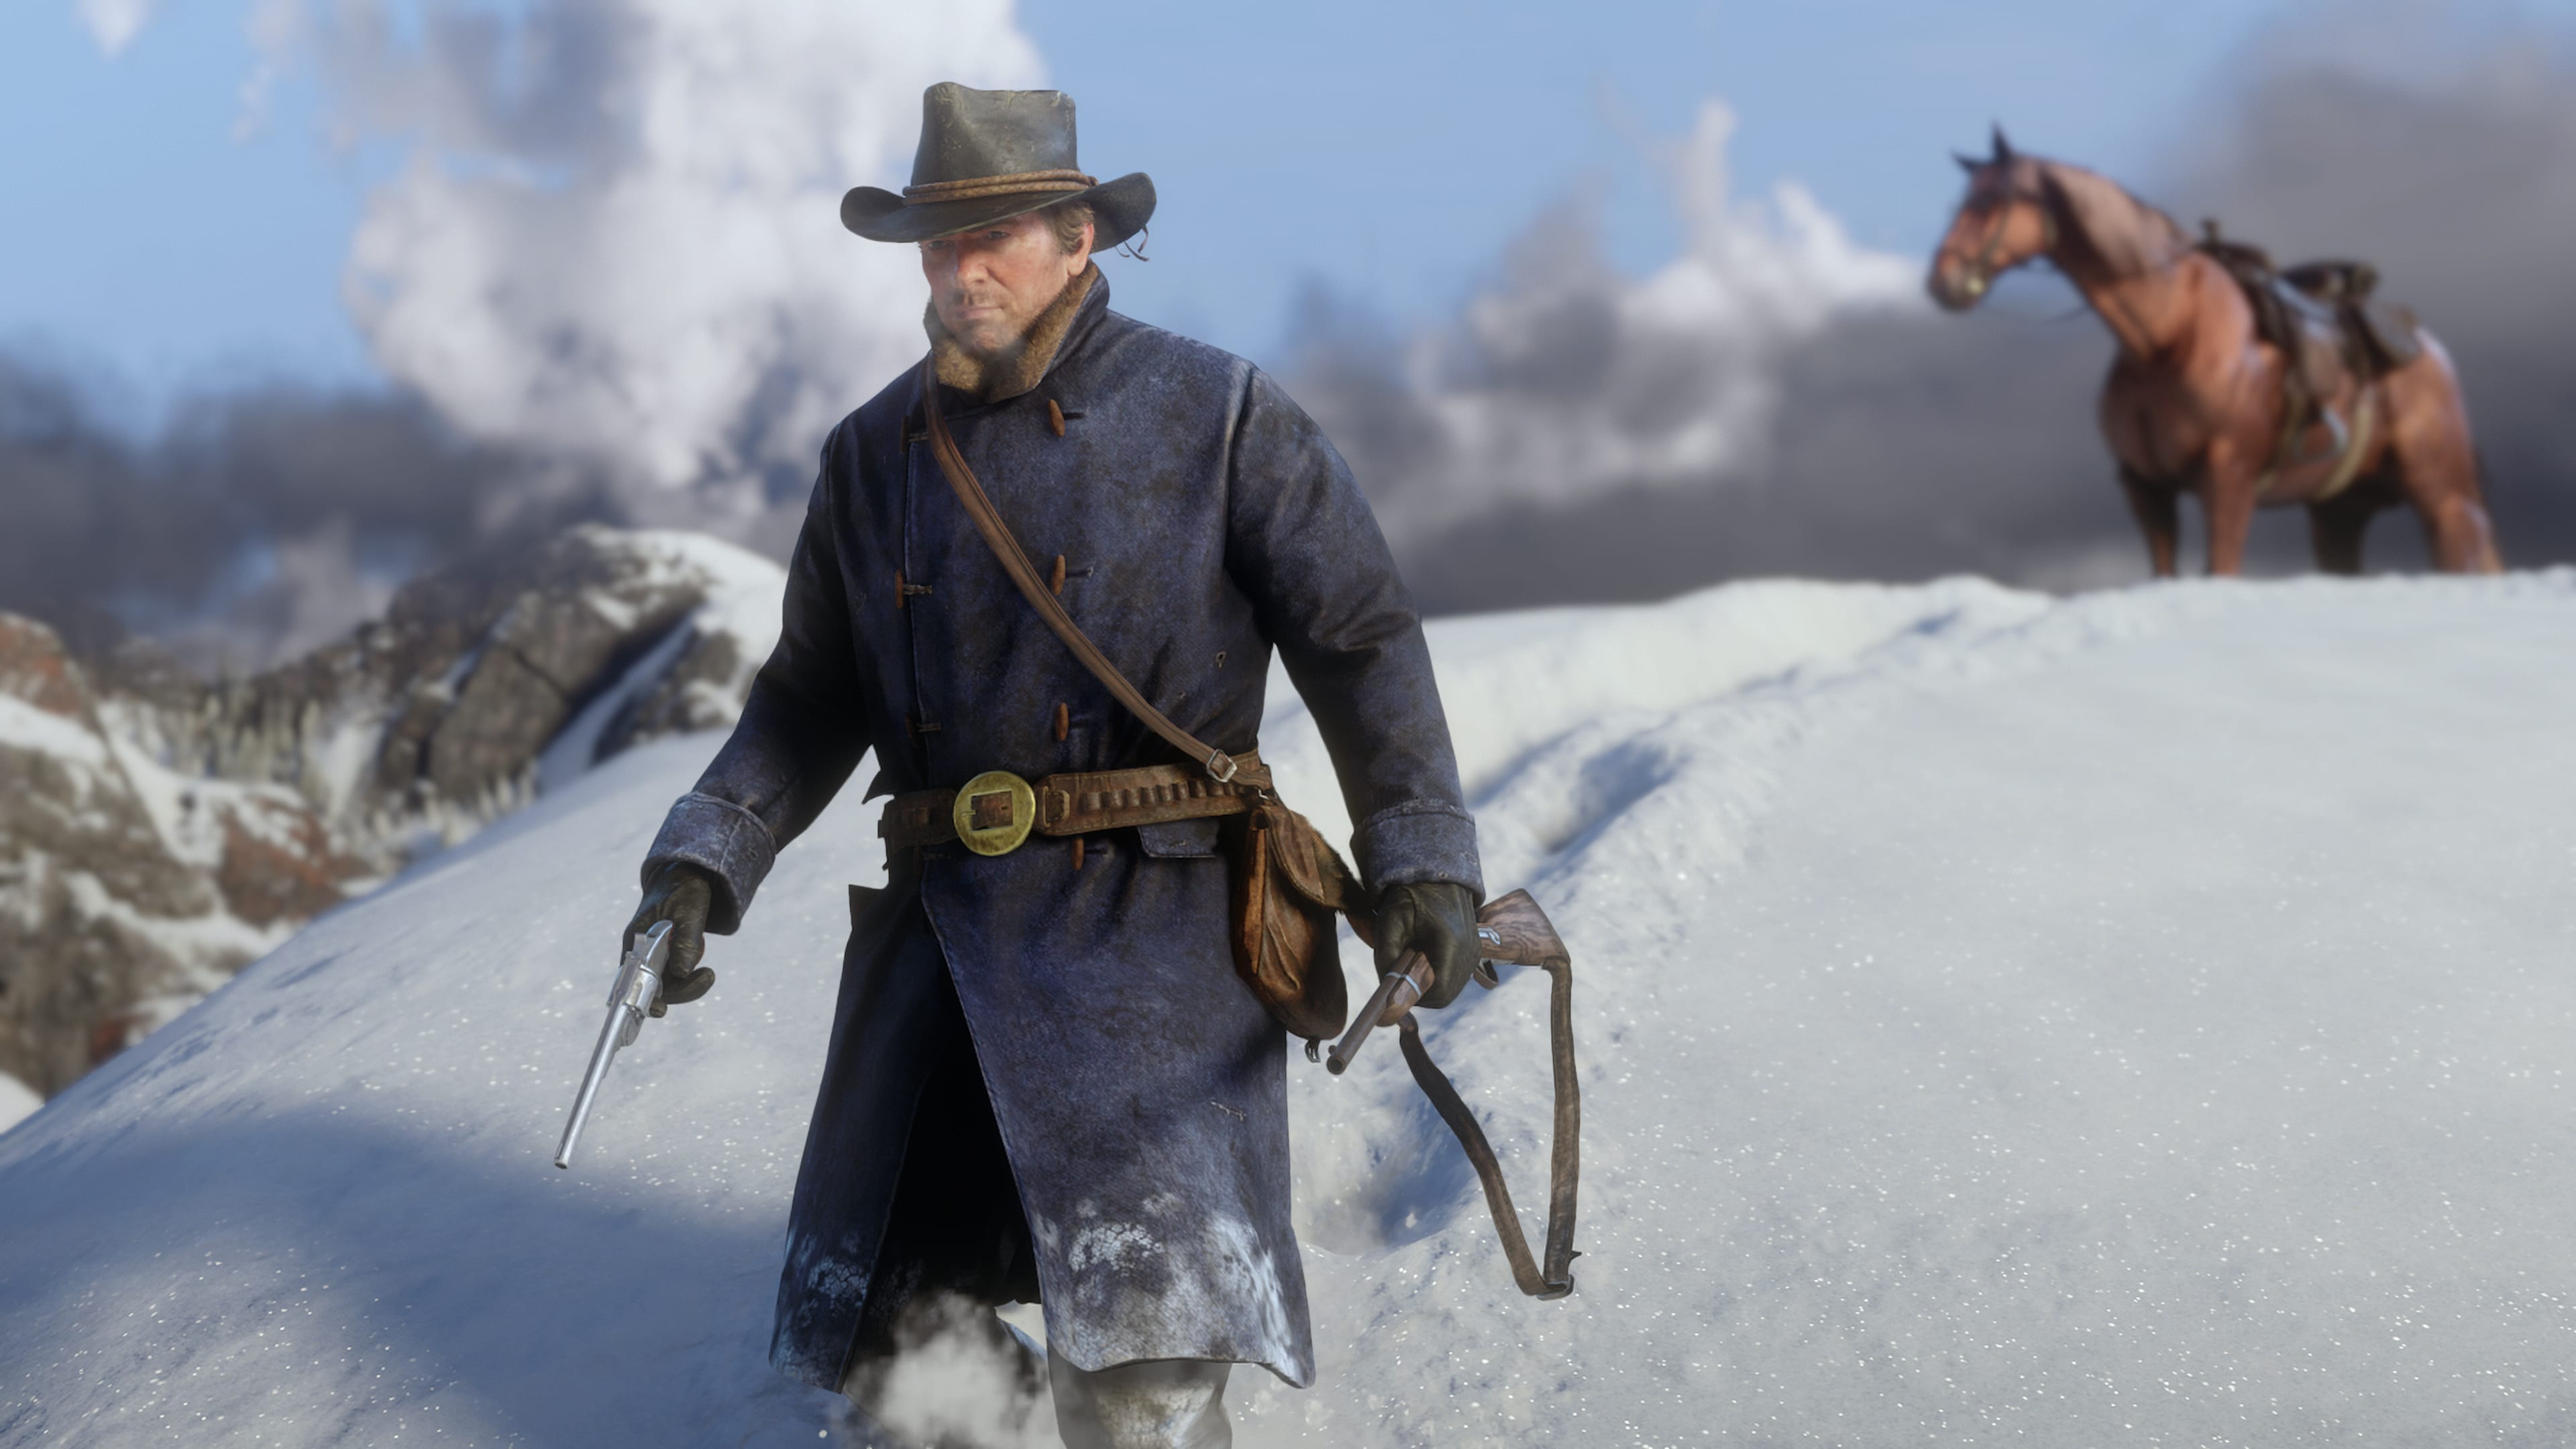 Toutes vos armes seront transportées dans les fonts de la selle de votre monture. Assurez-vous d'emporter les armes dont vous aurez besoin lorsque vous laissez votre cheval.